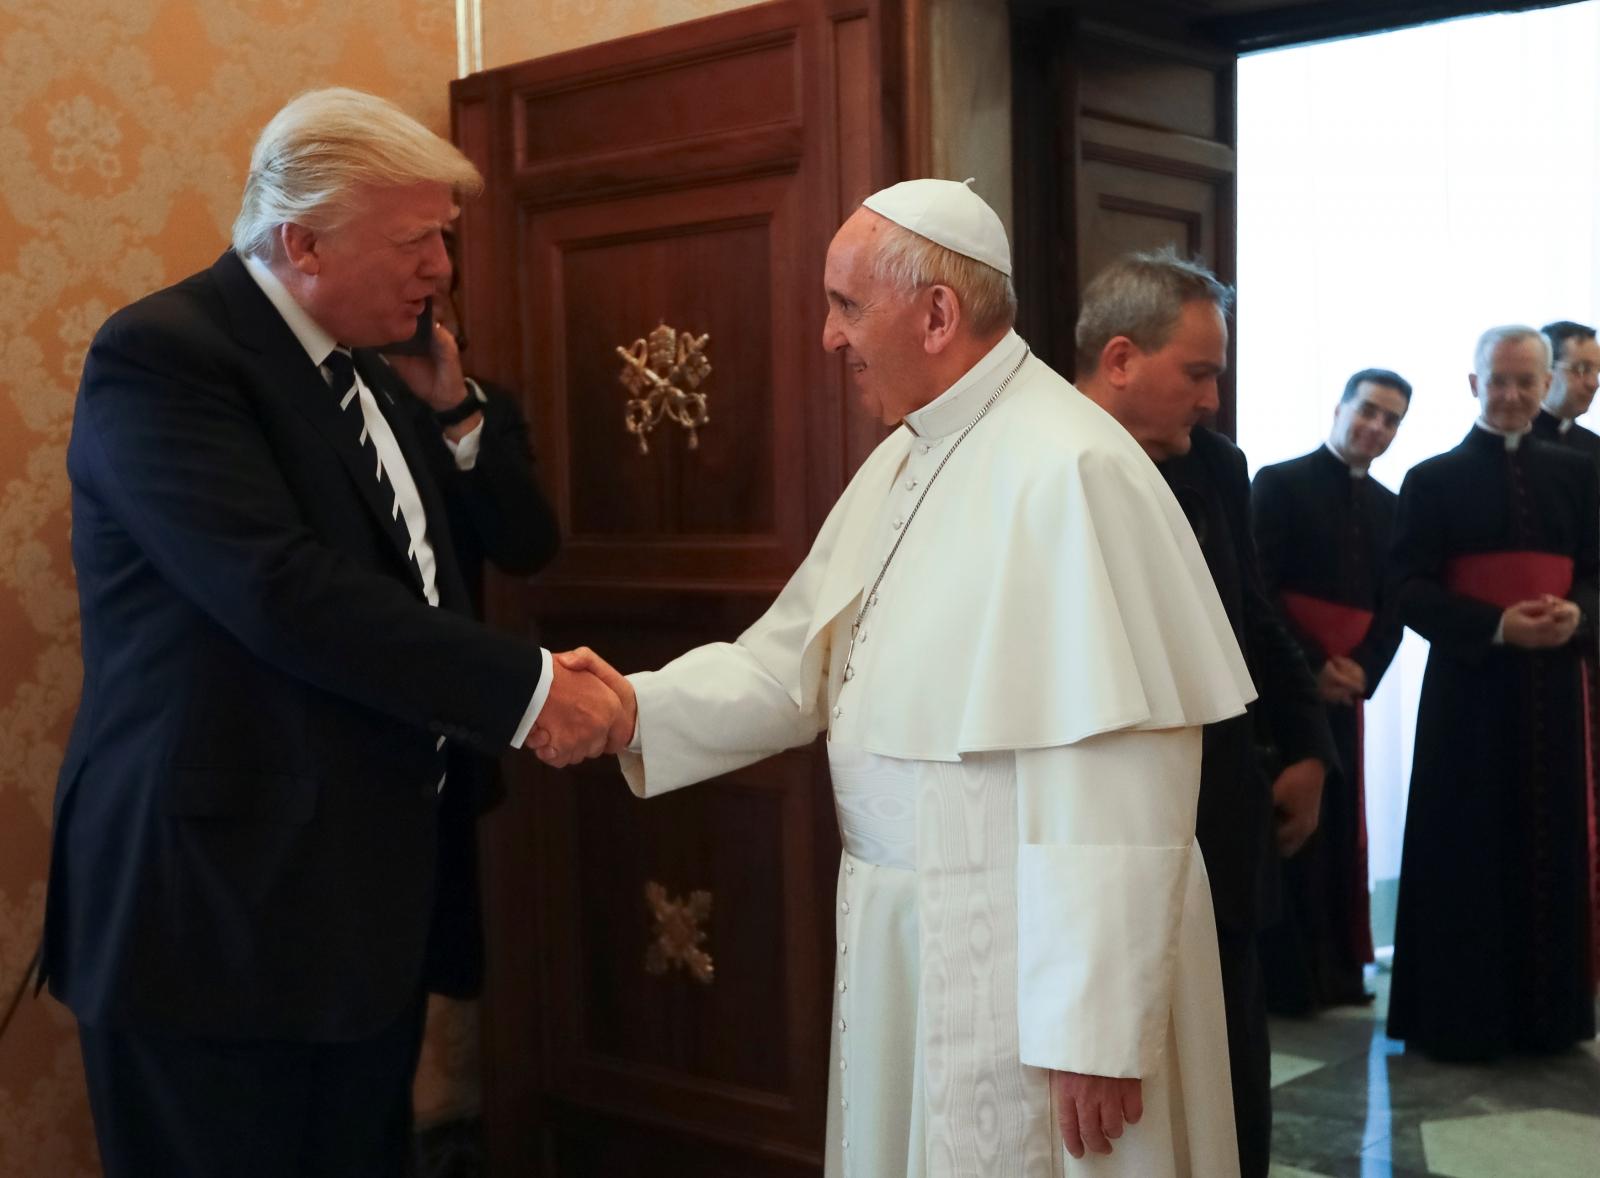 Donald Trump meets Pope Francis